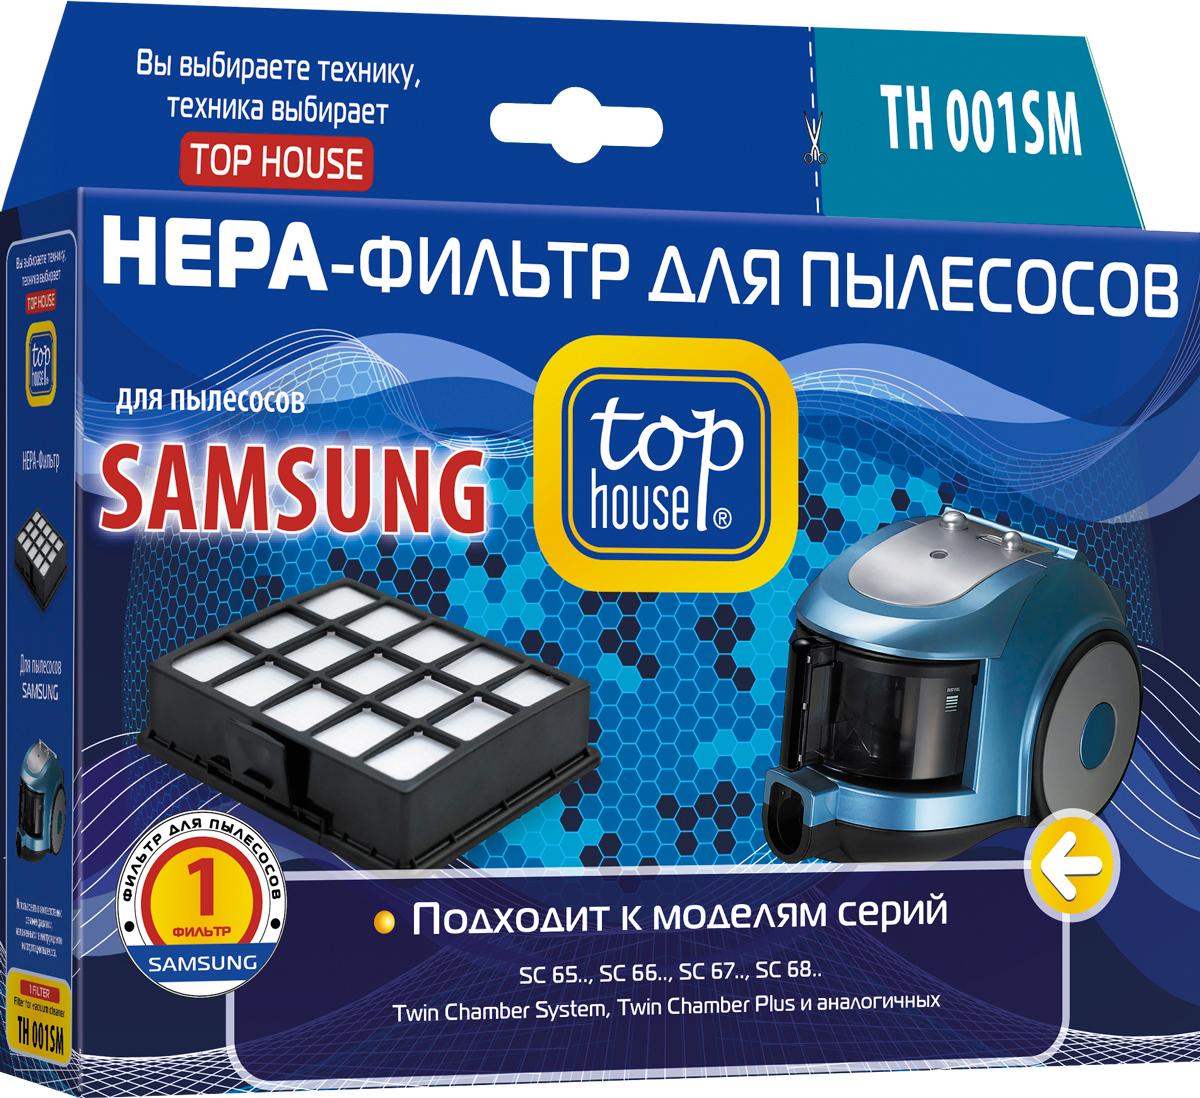 Top House TH 001SM HEPA-фильтр для пылесосов Samsung пена top house д плит свч печей 500мл